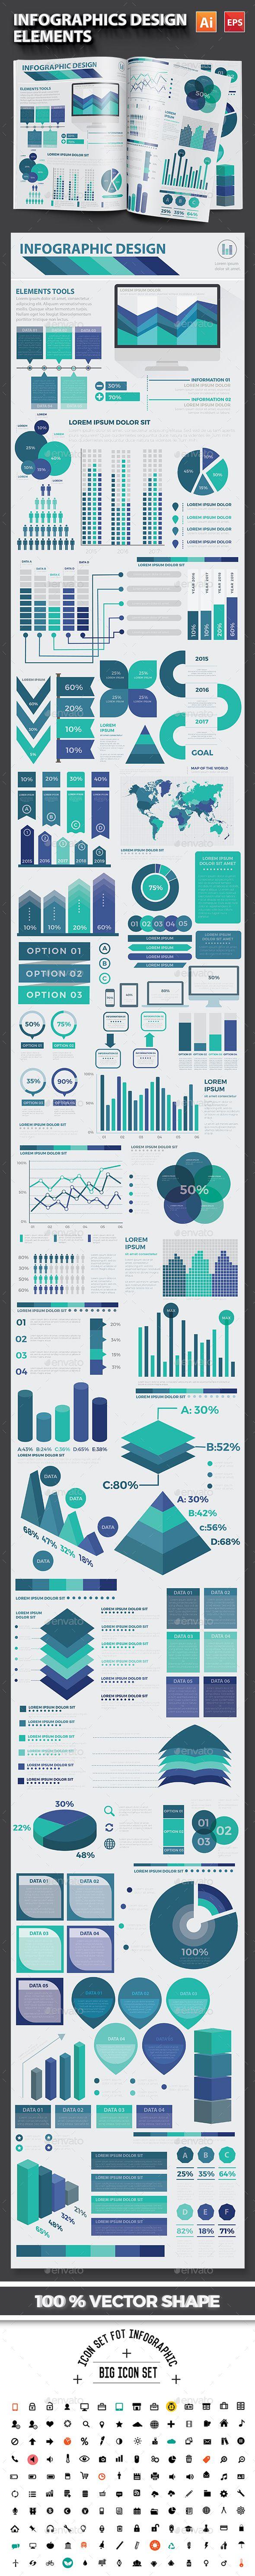 Design large banner in illustrator - Infographic Flat Elements Design